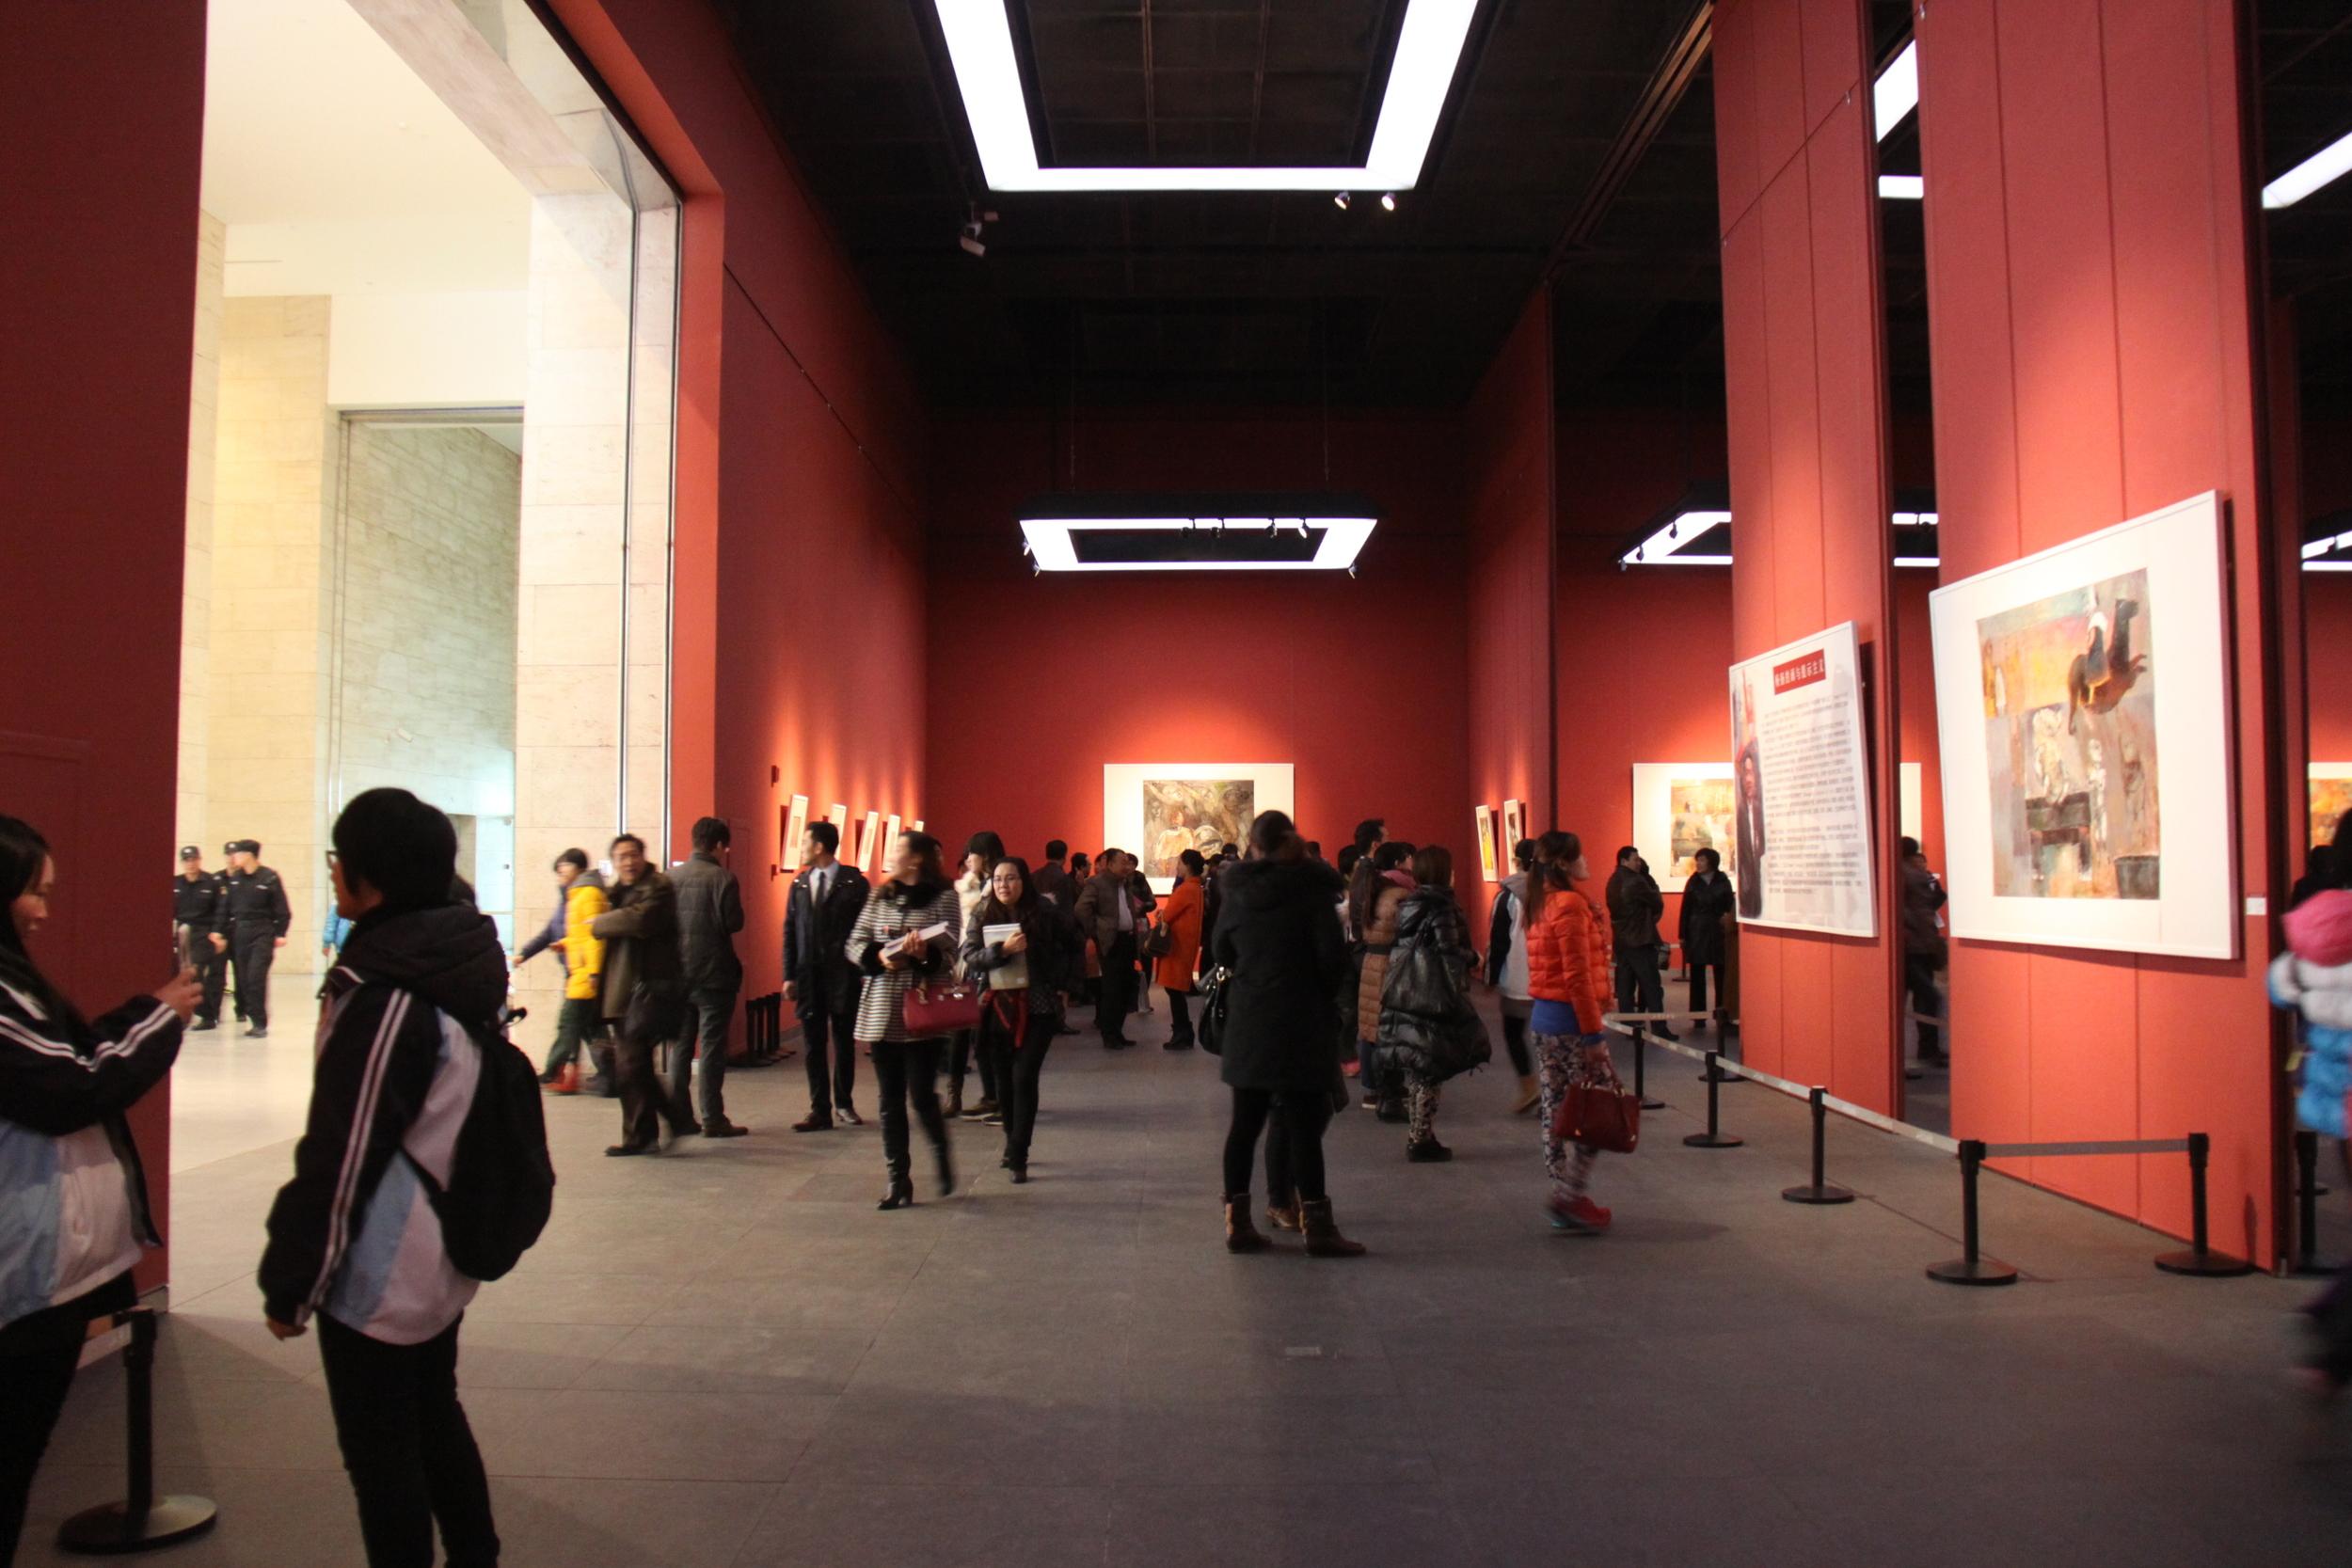 杨扬山东美术馆画展-主厅A1-杨扬个展共展出85幅作品图8.JPG